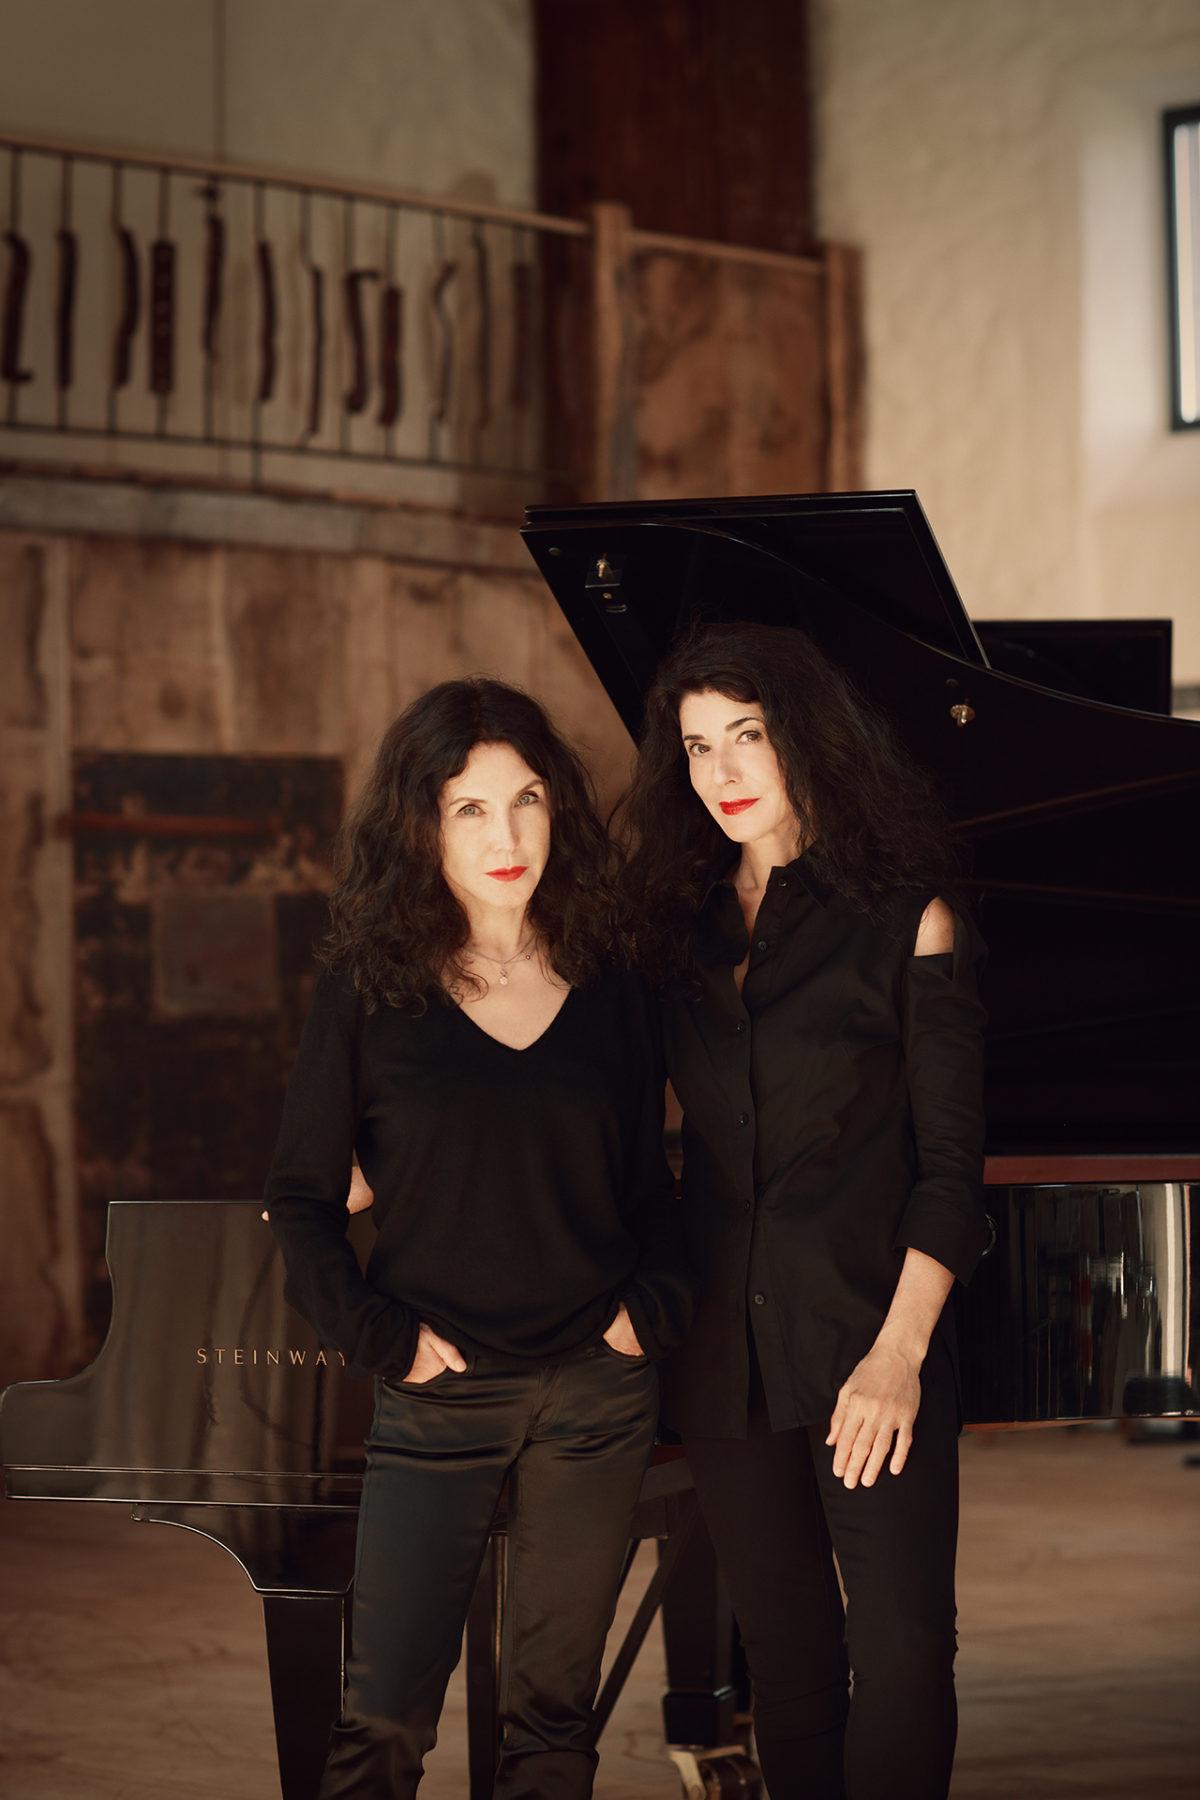 Konzert am 29. Mai 2021 im Wiener Konzerthaus, Grafenegg, Auditorium, 30. Mai 2021  klassik-begeistert.de